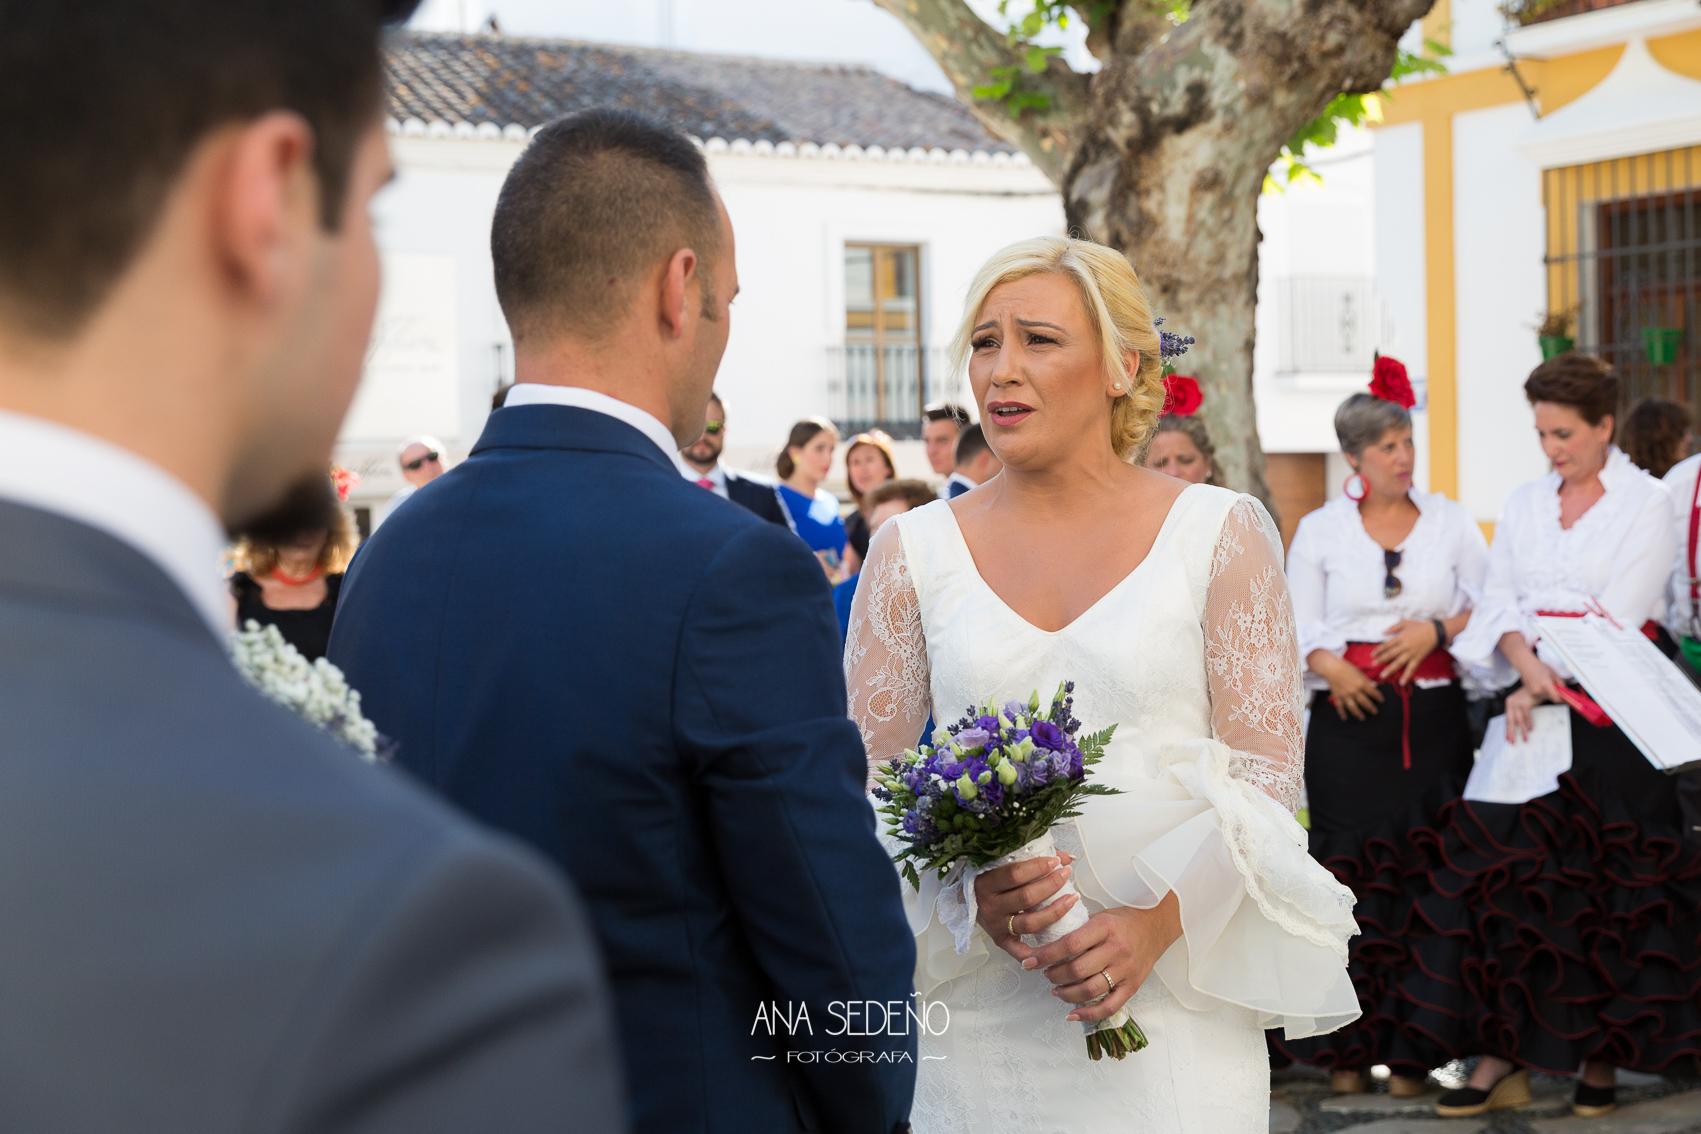 Ana Sedeño Fotografa.-BJ&R-0688